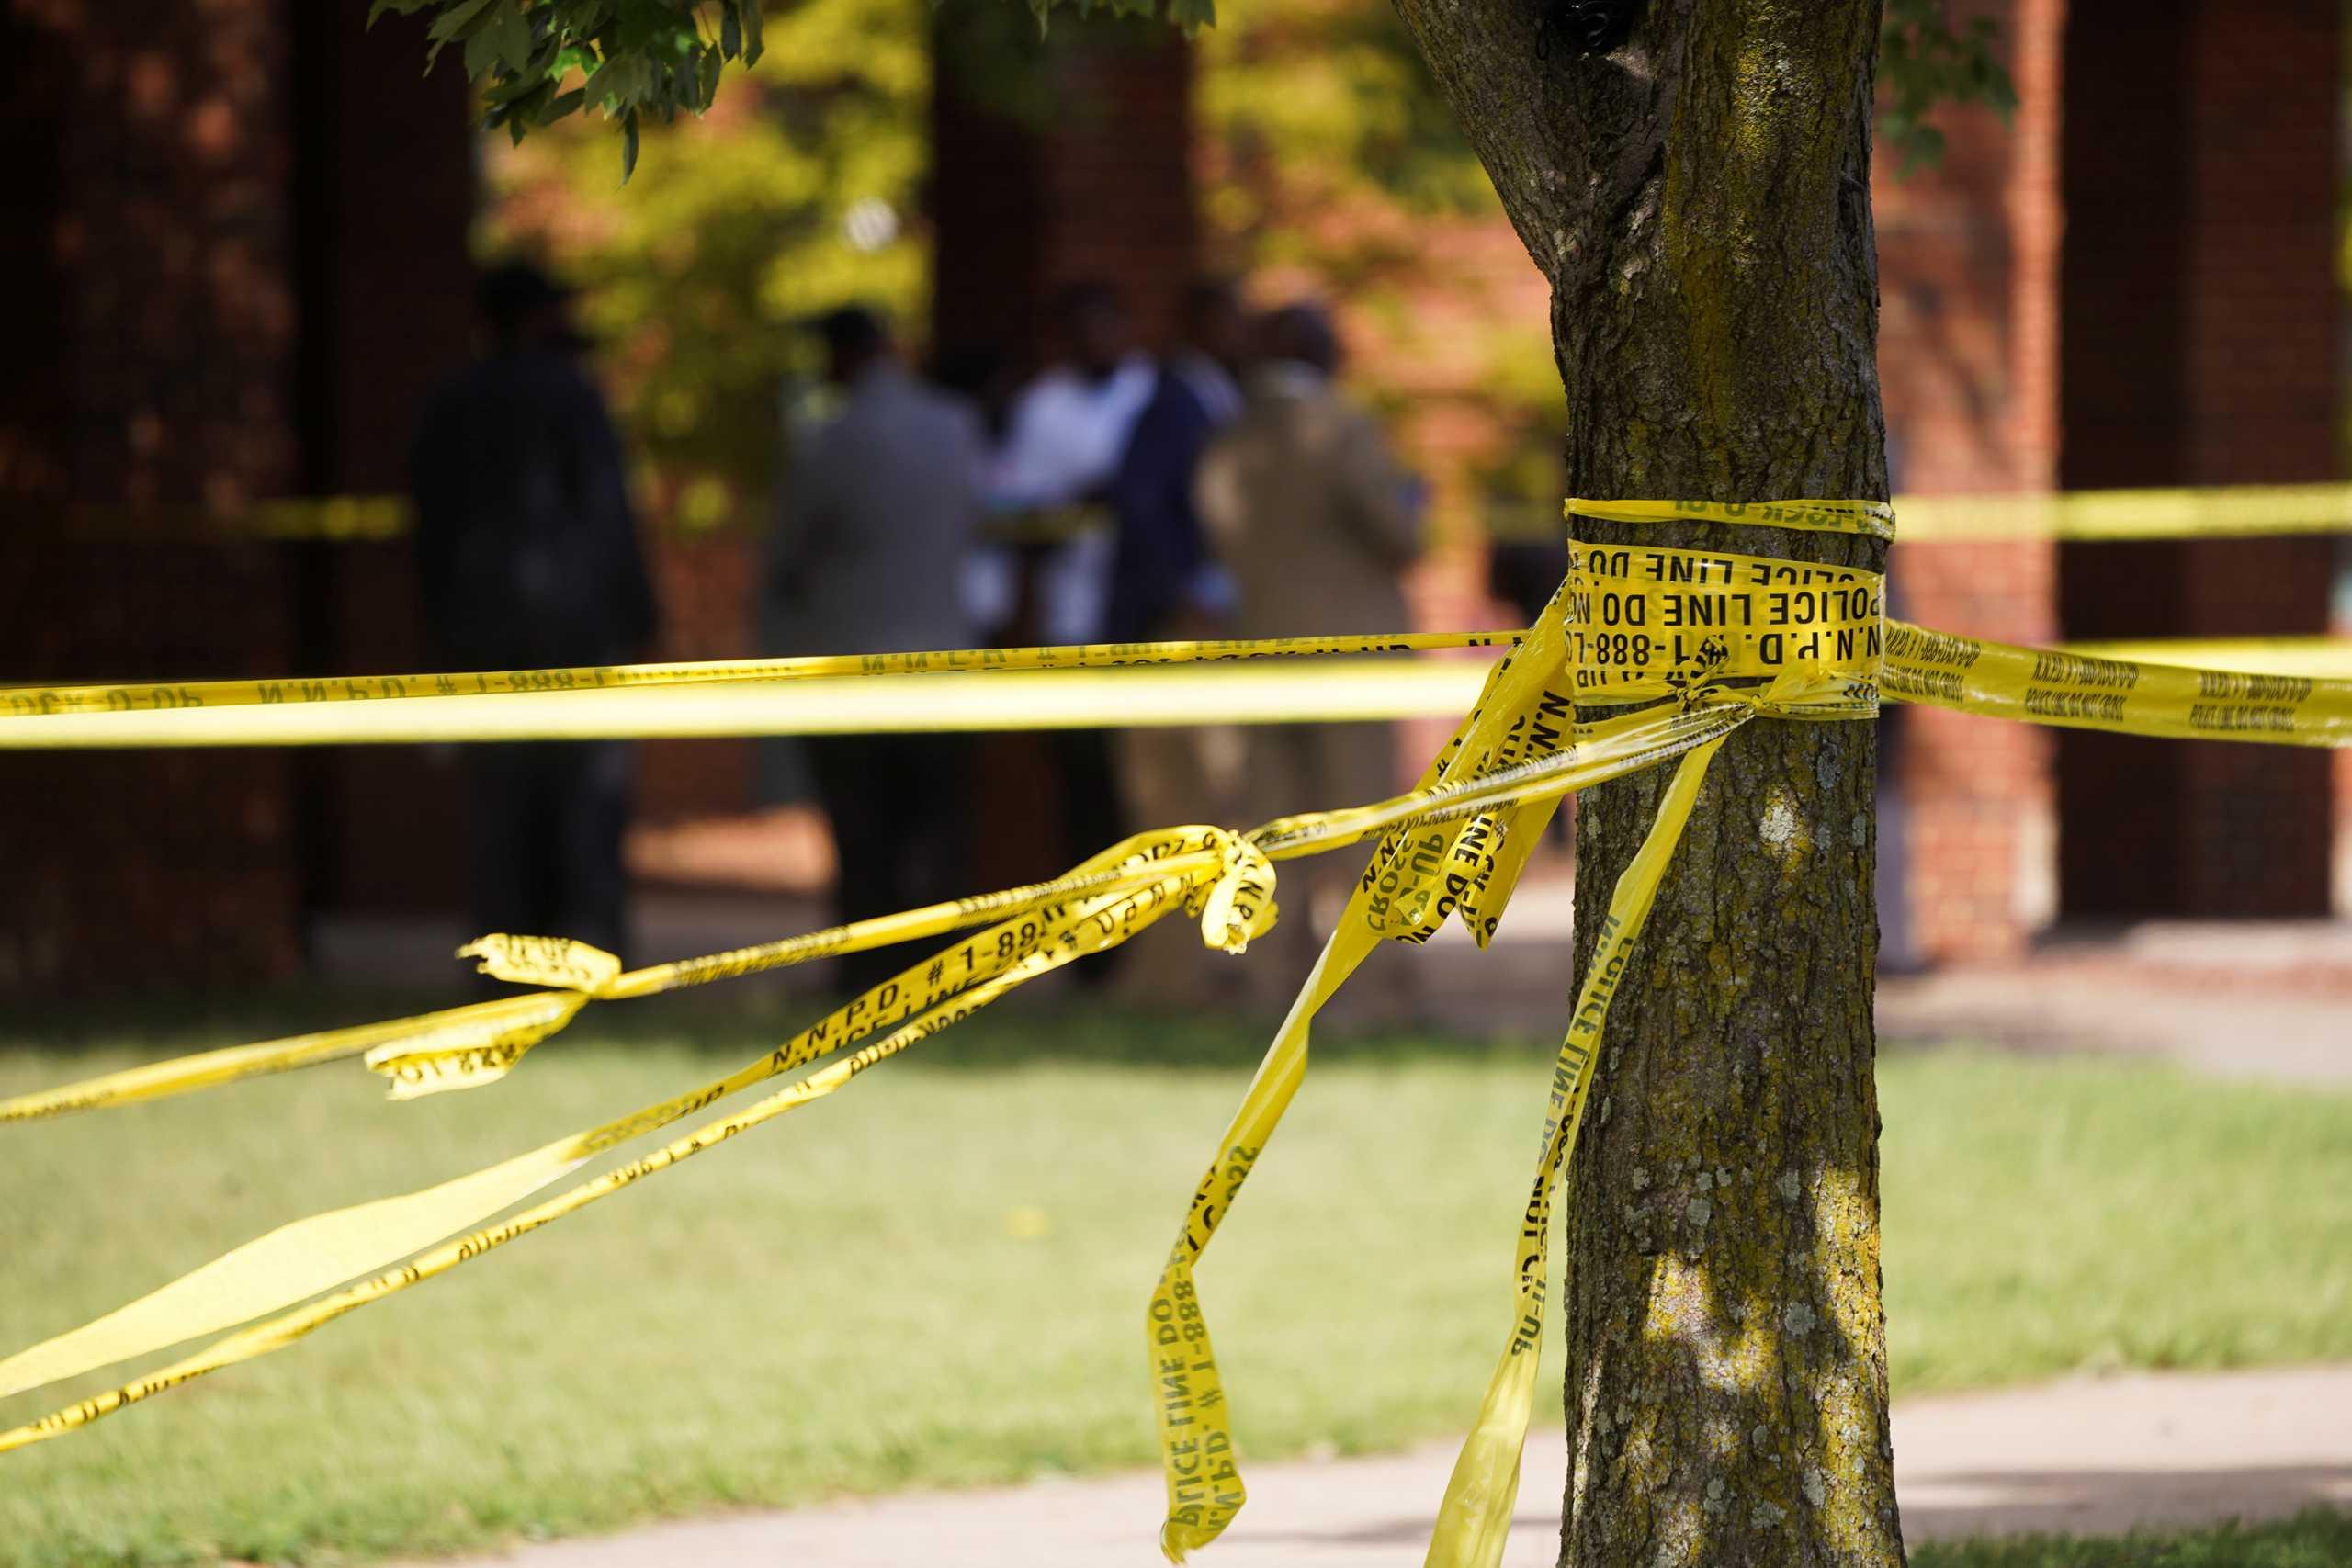 Βρετανία: Την δολοφόνησε 5 λεπτά από το σπίτι της και κάλυψε το πτώμα της με φύλλα